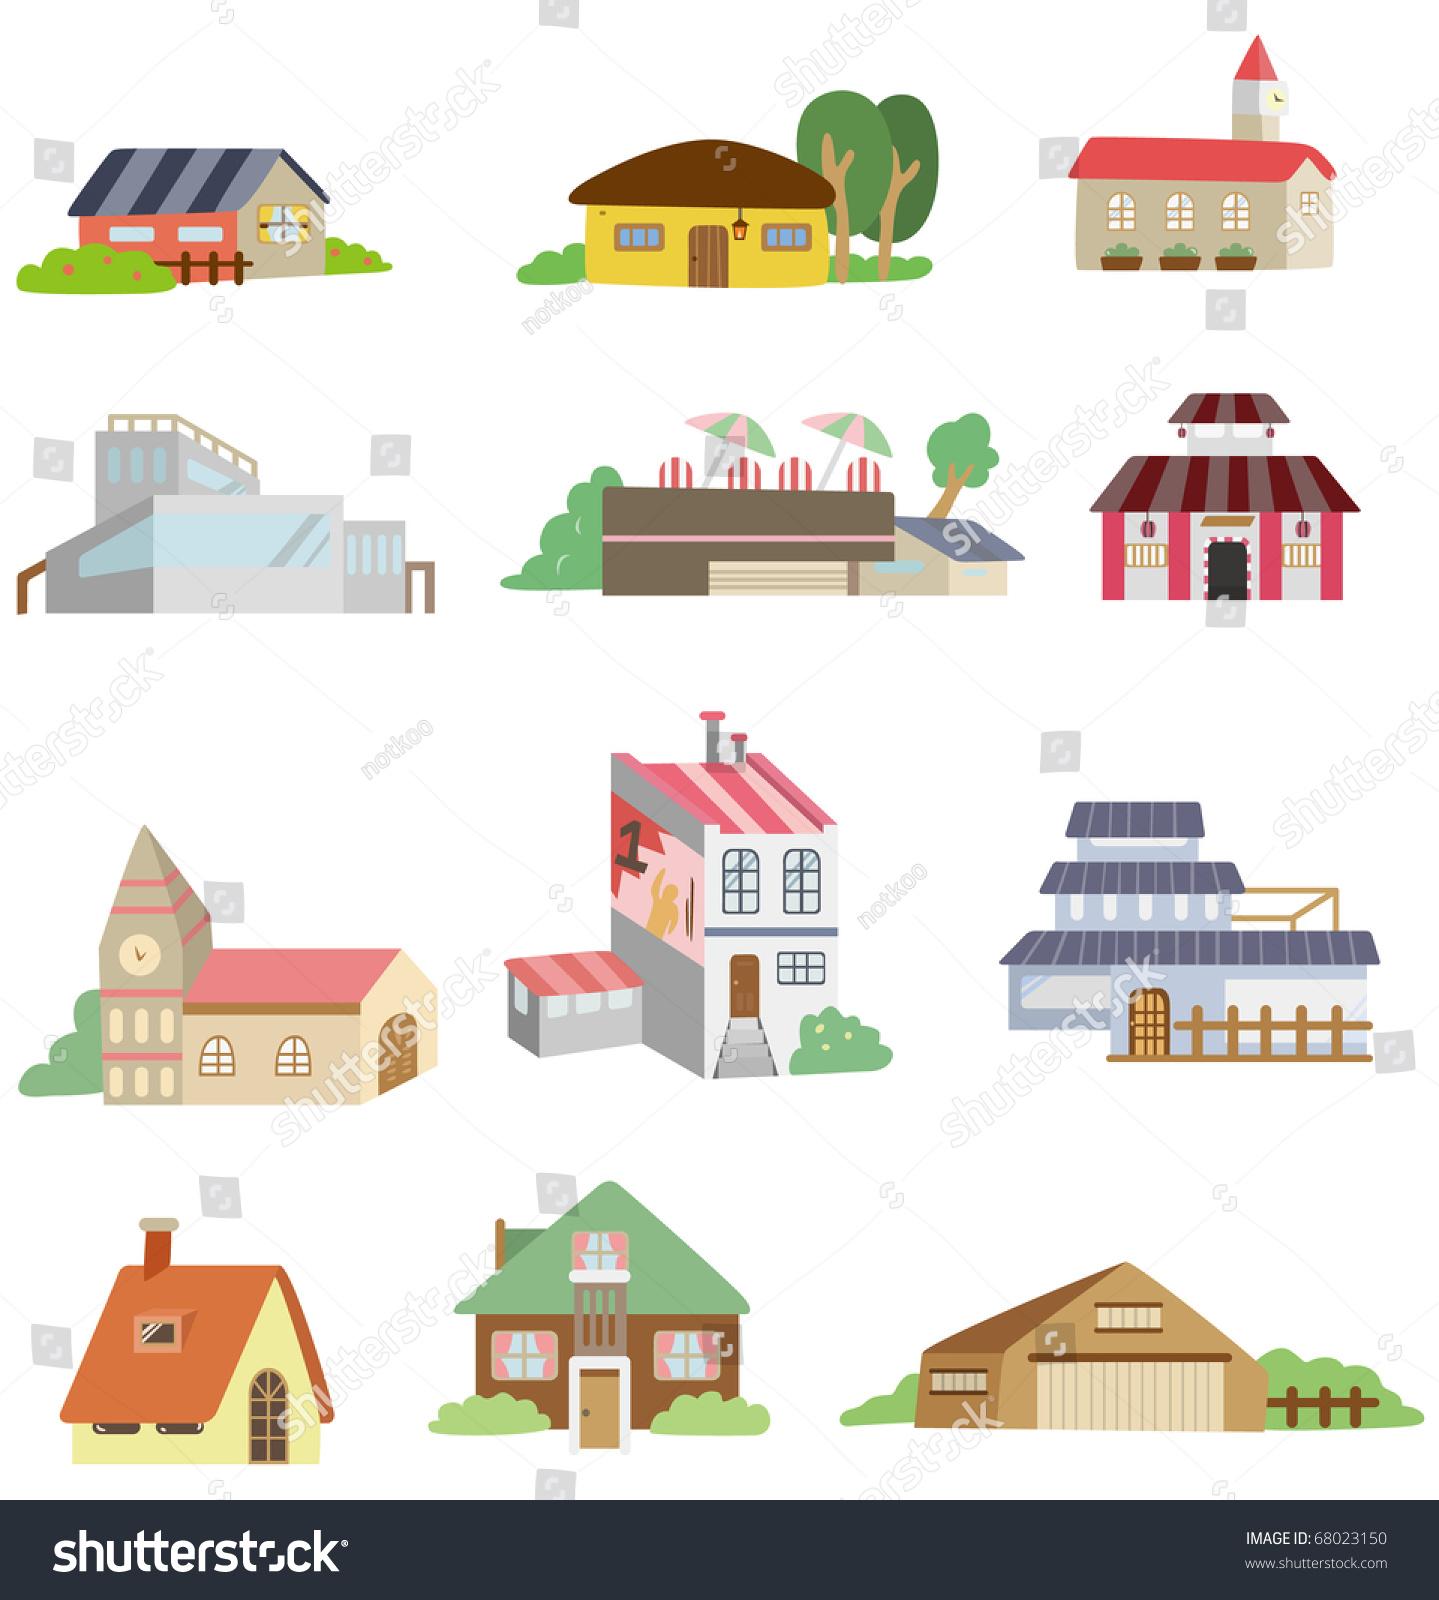 卡通房子图标-插图/剪贴图